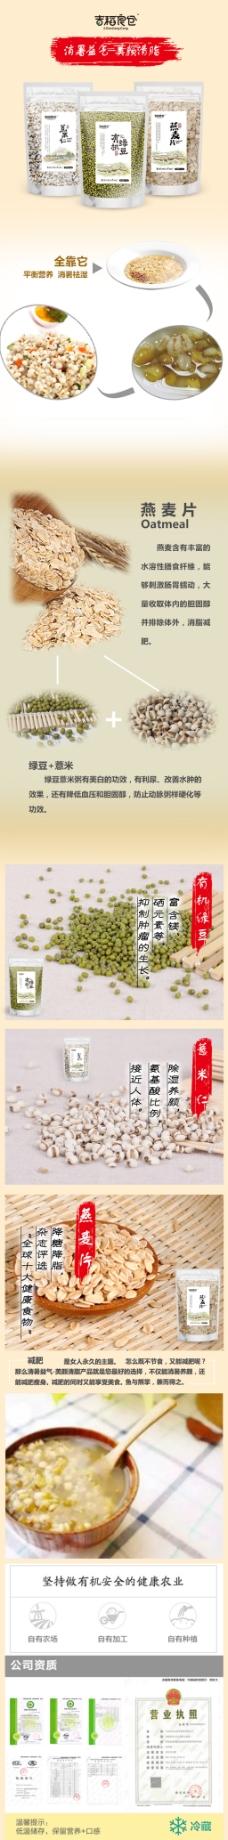 燕麦片 薏米仁 有机绿豆 组合 详情页